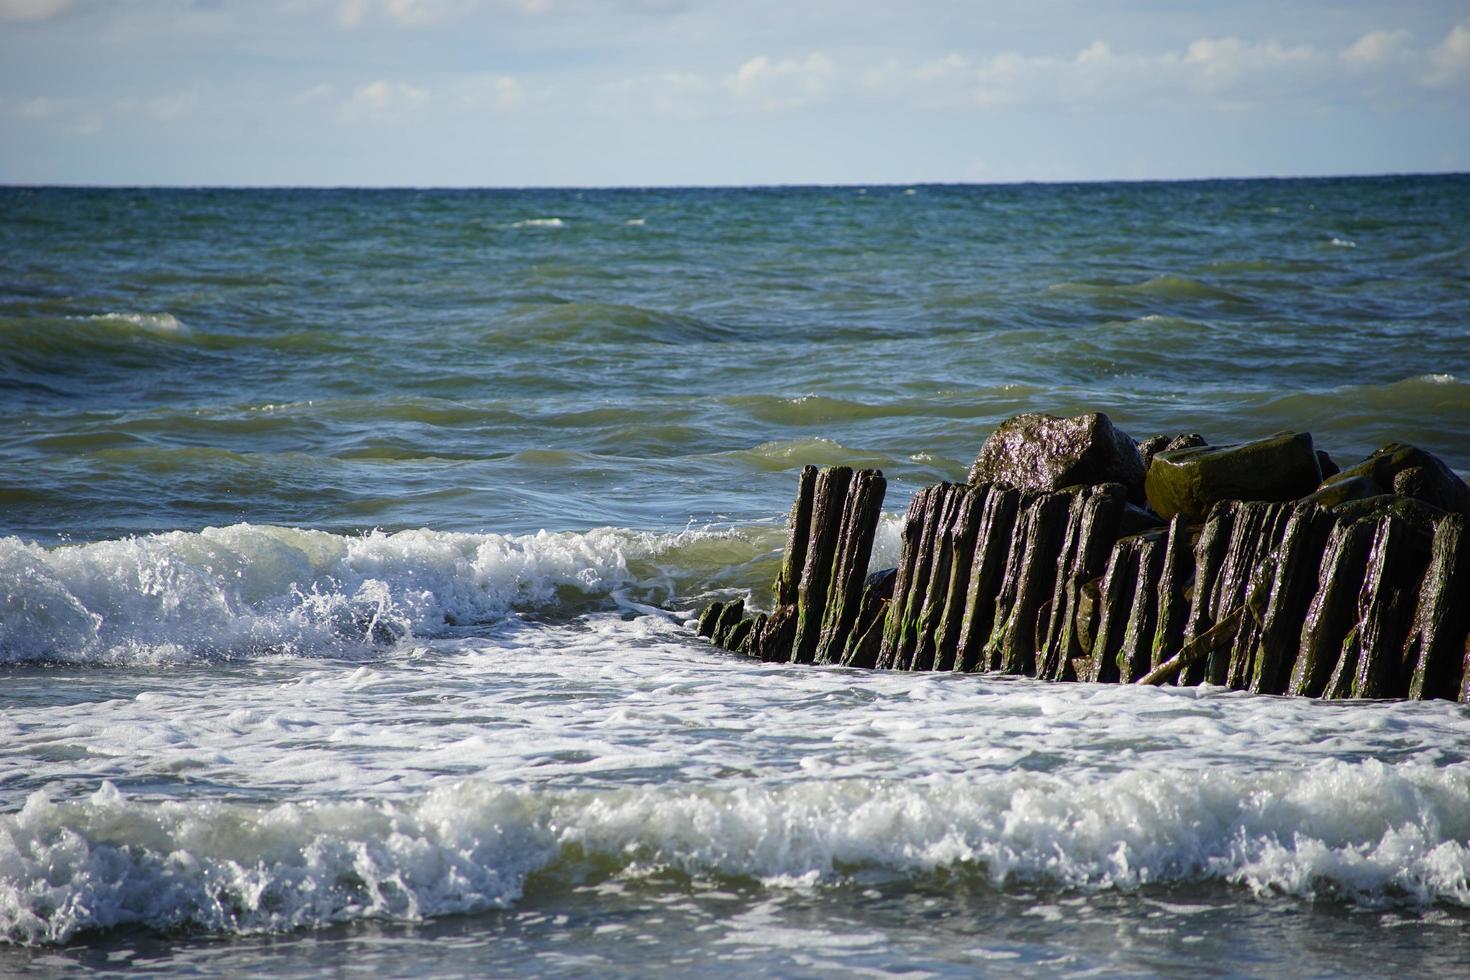 vista sul mare con frangiflutti. foto